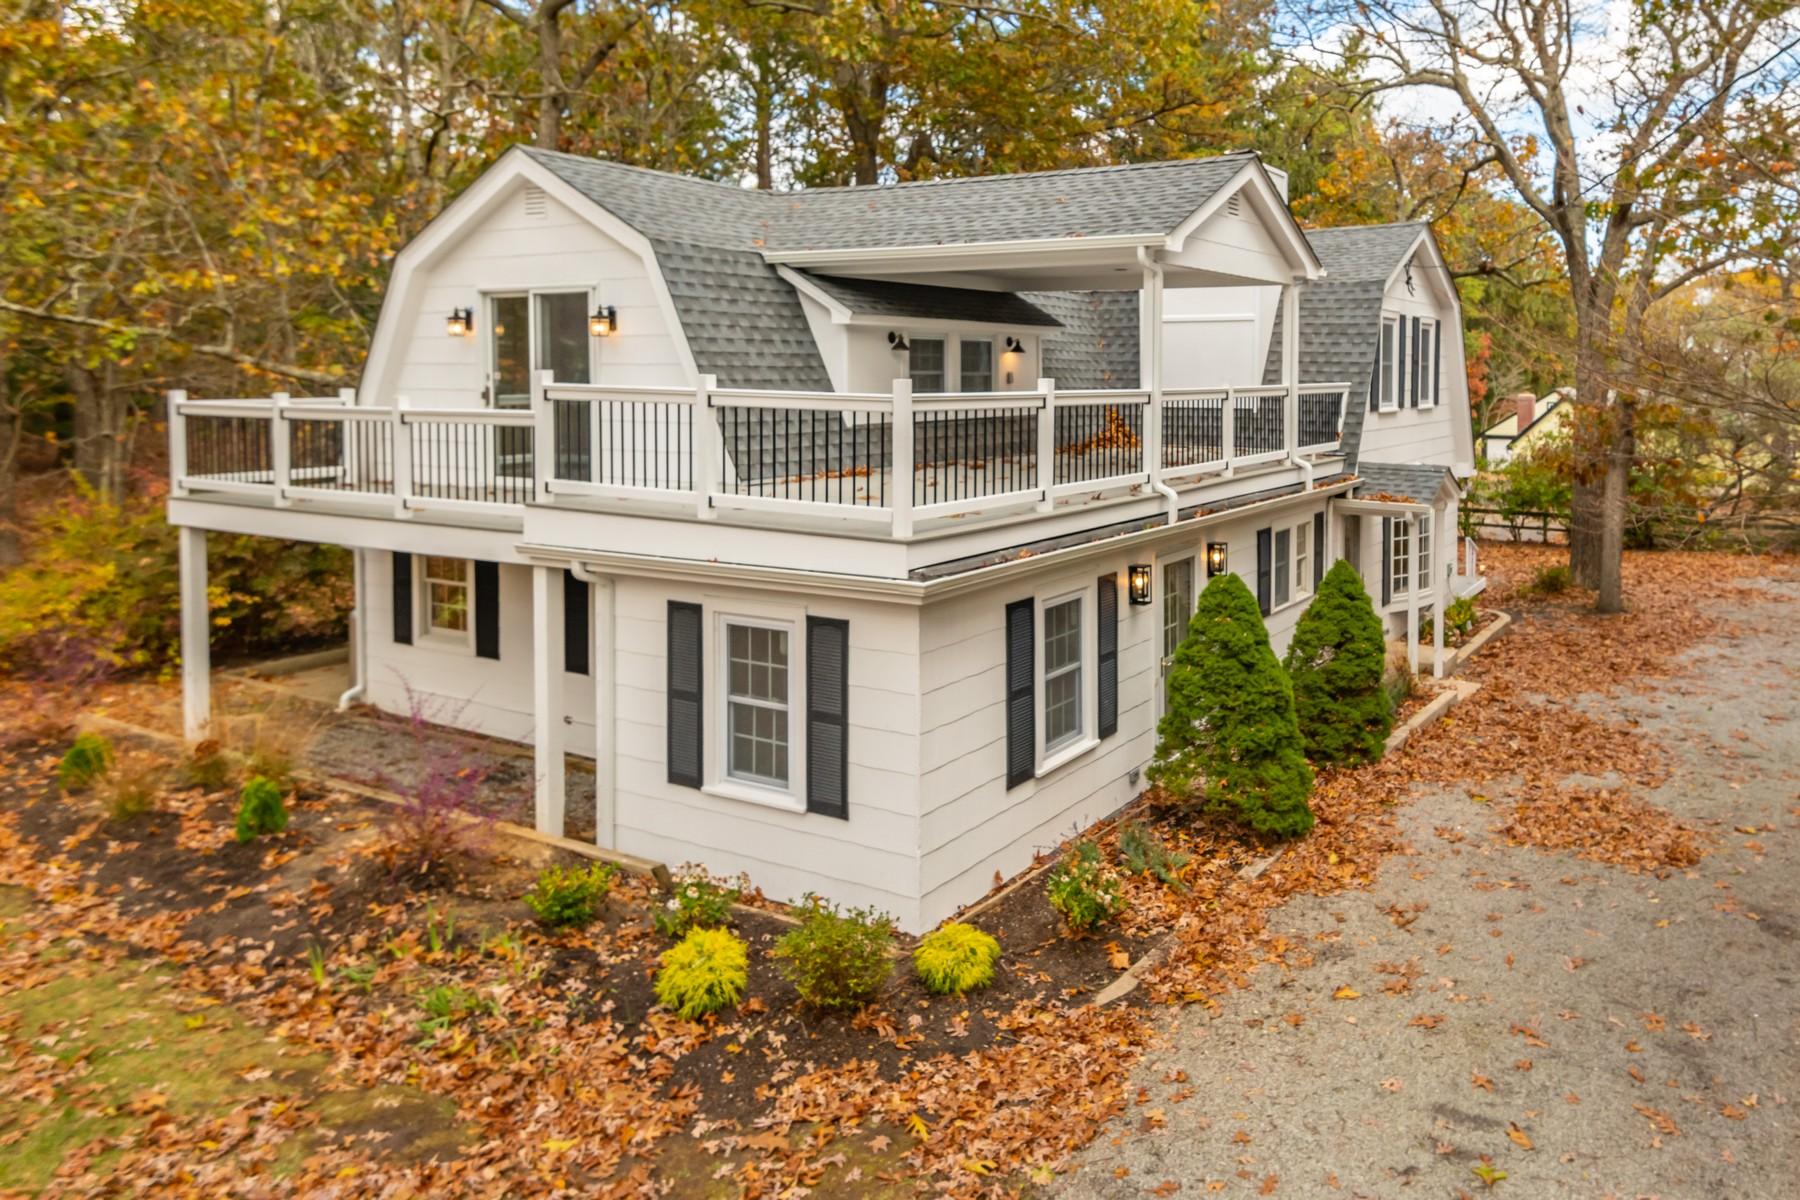 Single Family Homes für Verkauf beim Cutchogue 1405 Wunneweta Rd, Cutchogue, New York 11935 Vereinigte Staaten